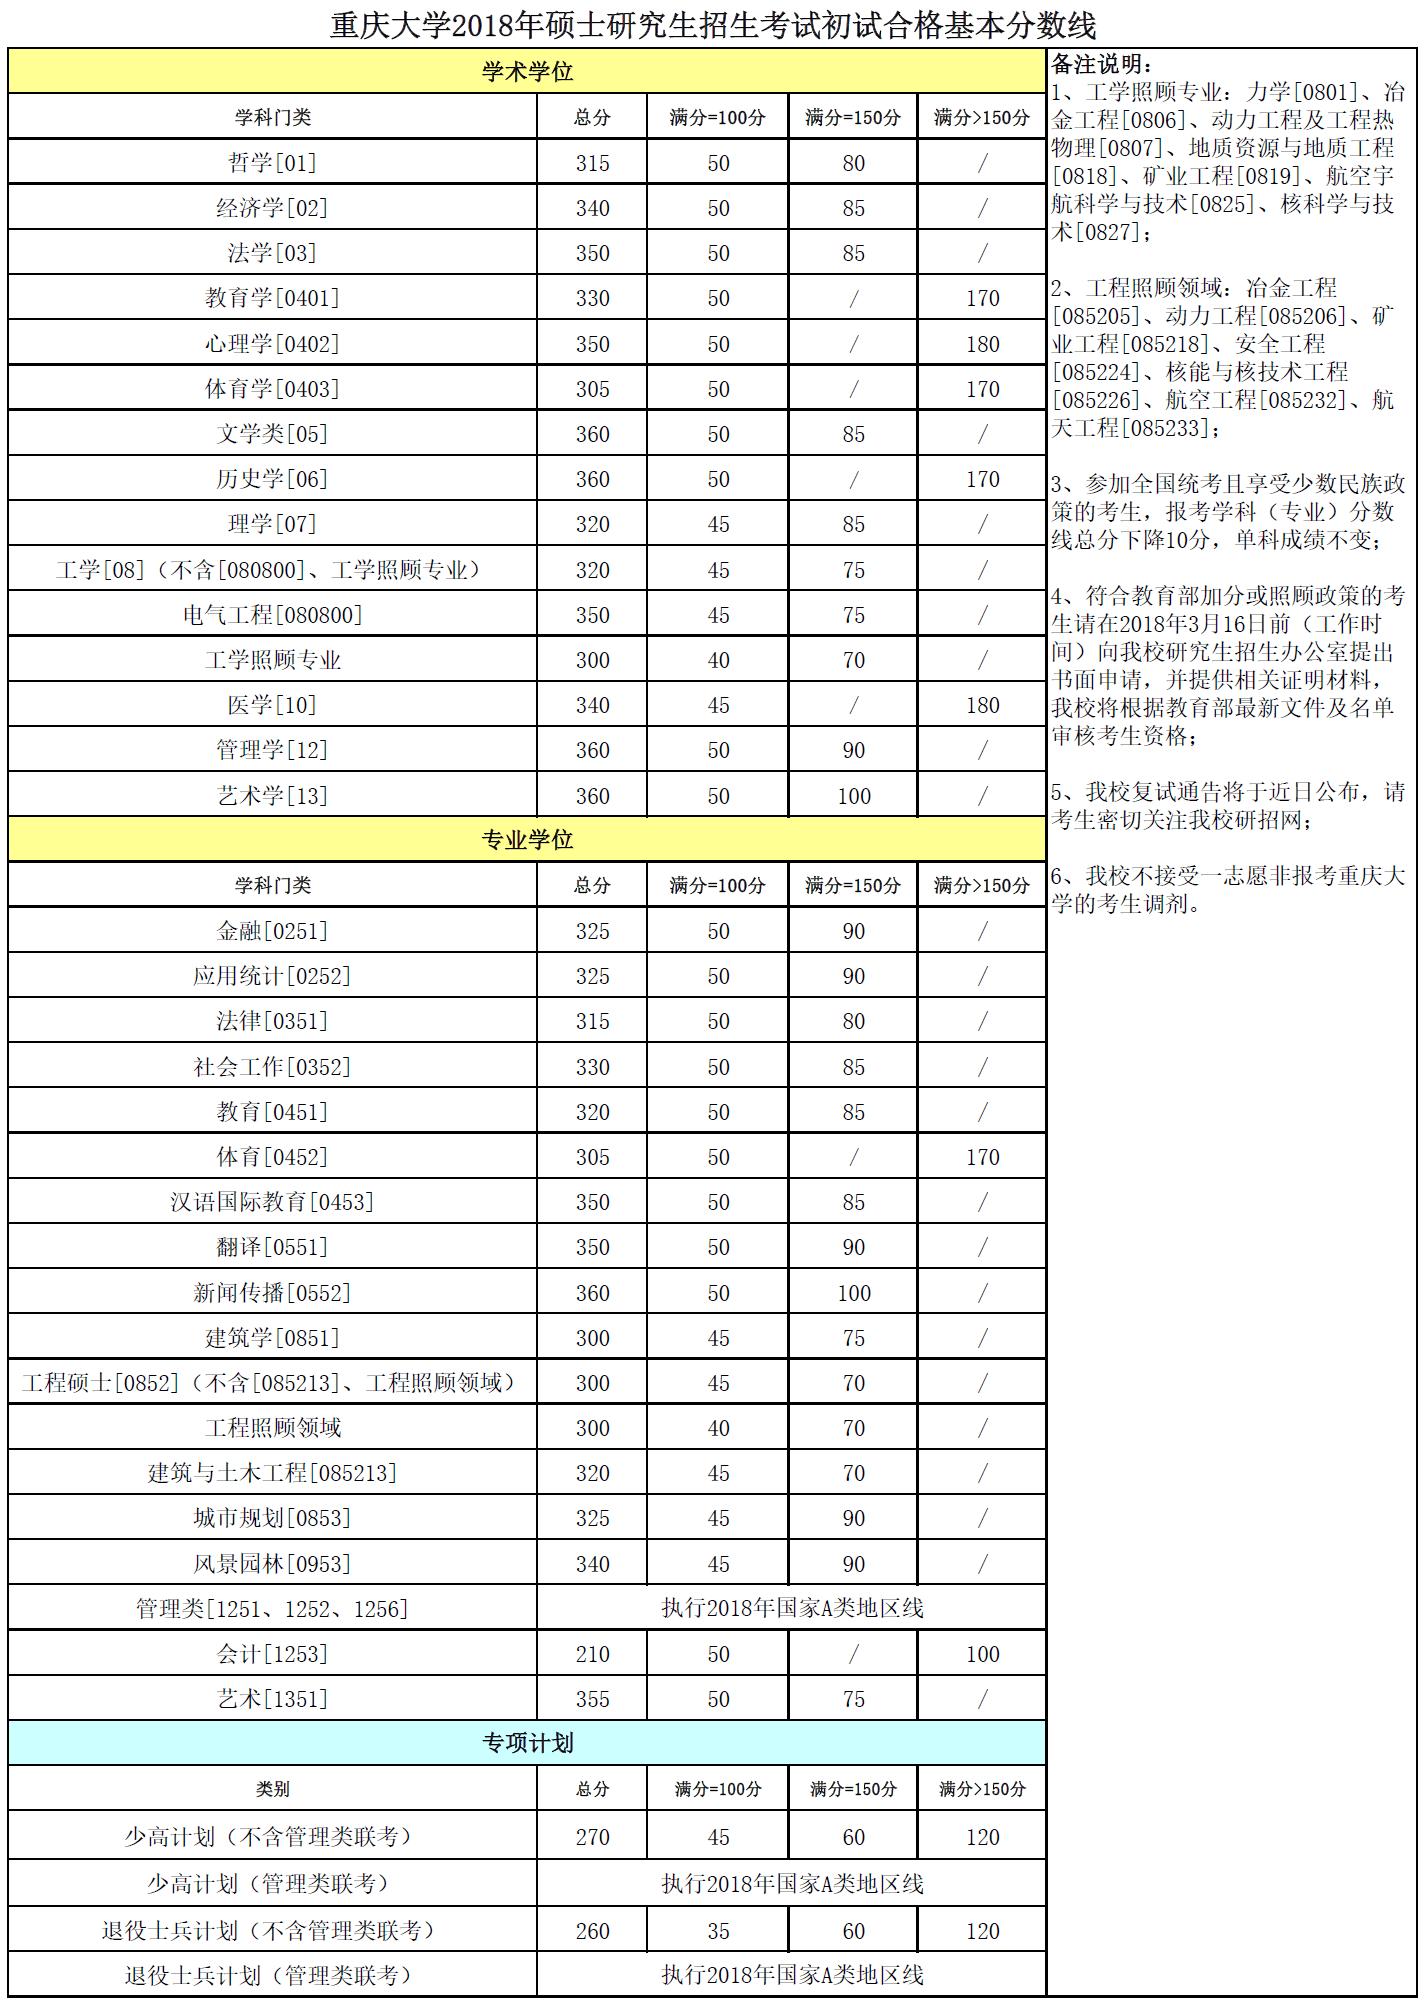 快讯:重庆大学2018年考研初试分数线